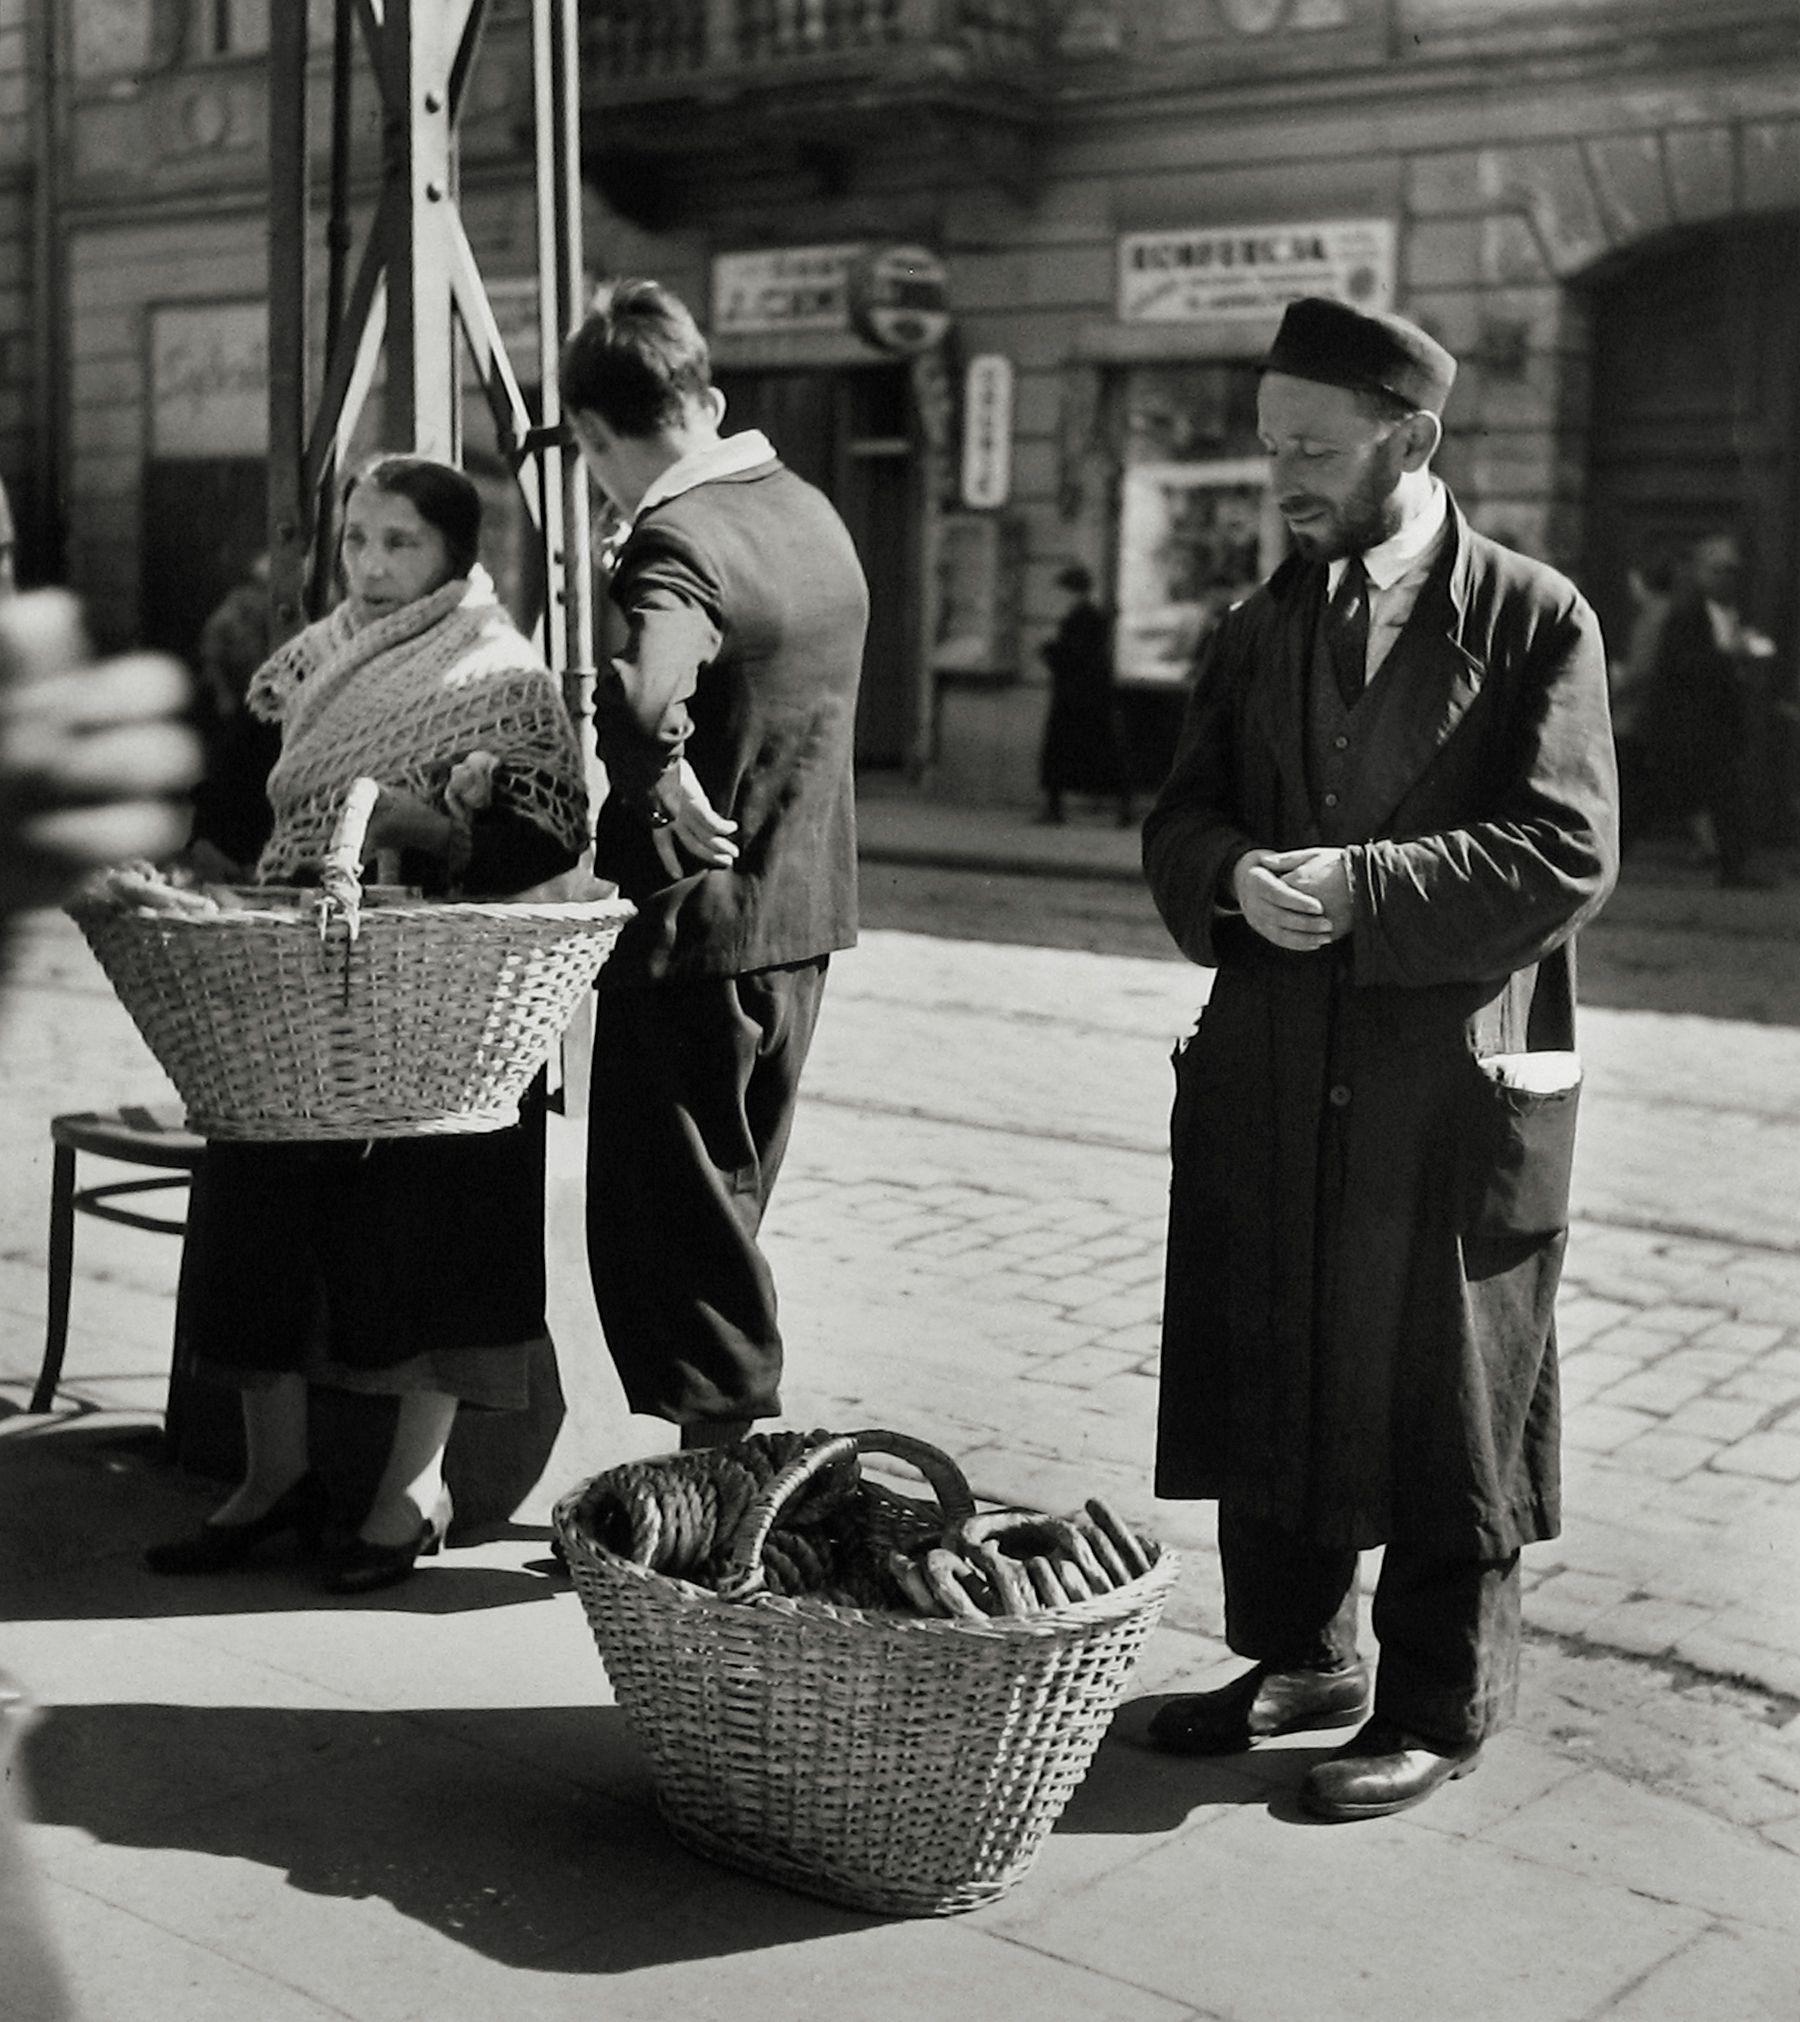 Семья торговцев бубликами, Варшава, 1938. Фотограф Роман Вишняк